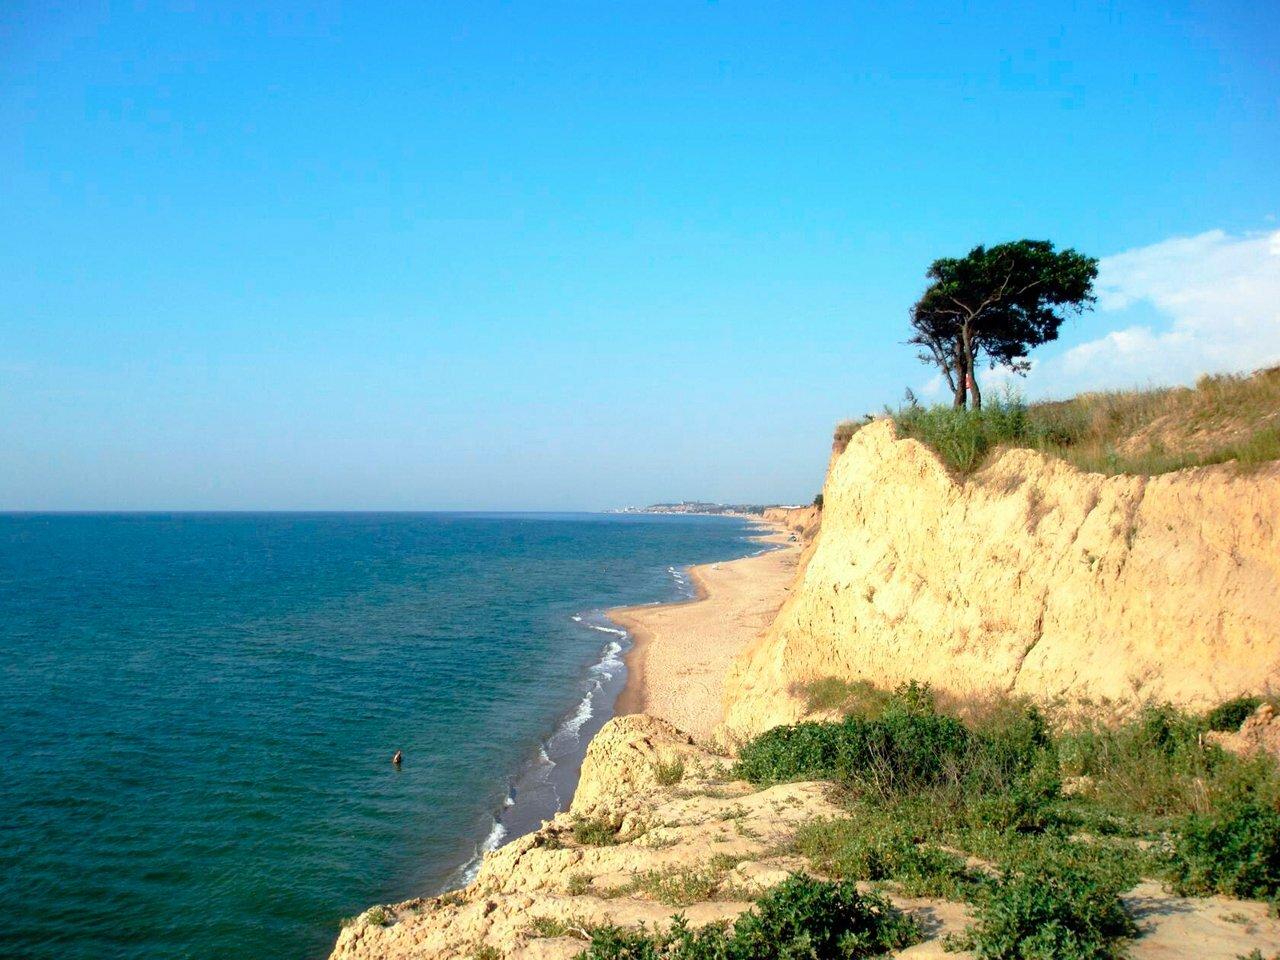 Чистые безлюдные пляжи: малоизвестный курорт под Одессой удивляет туристов